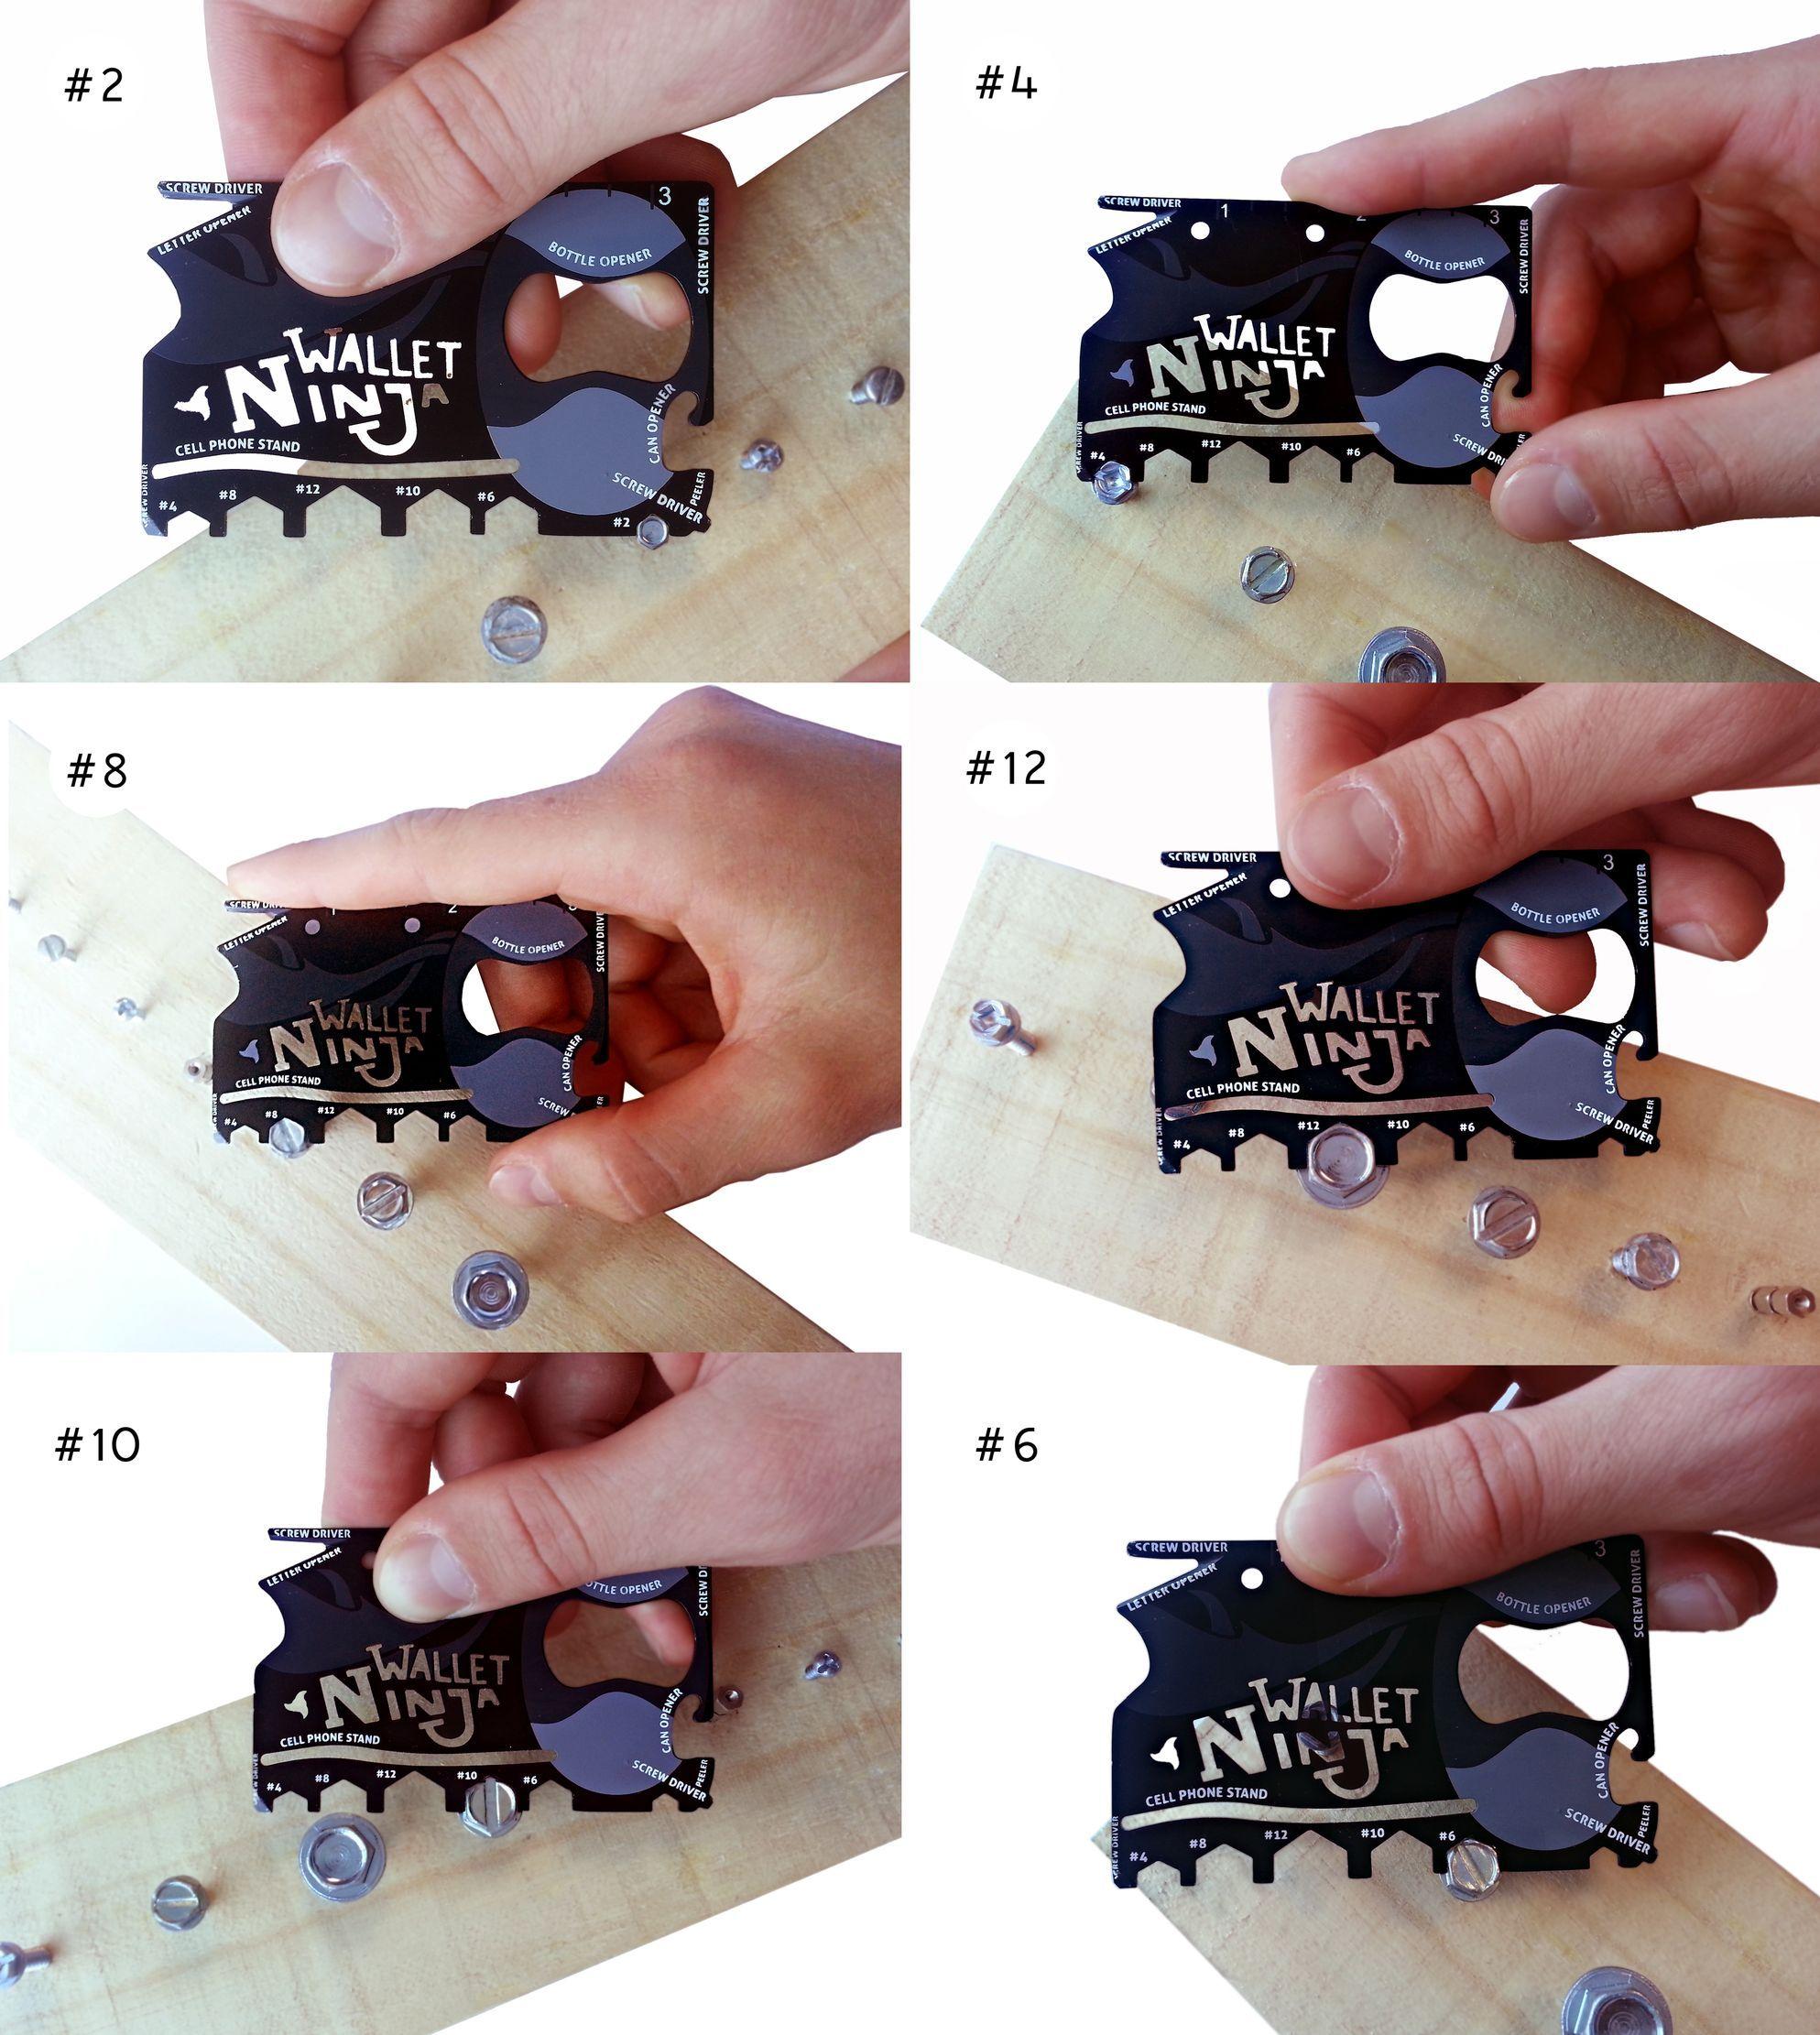 Thumbs Up Wallet Ninja - 7